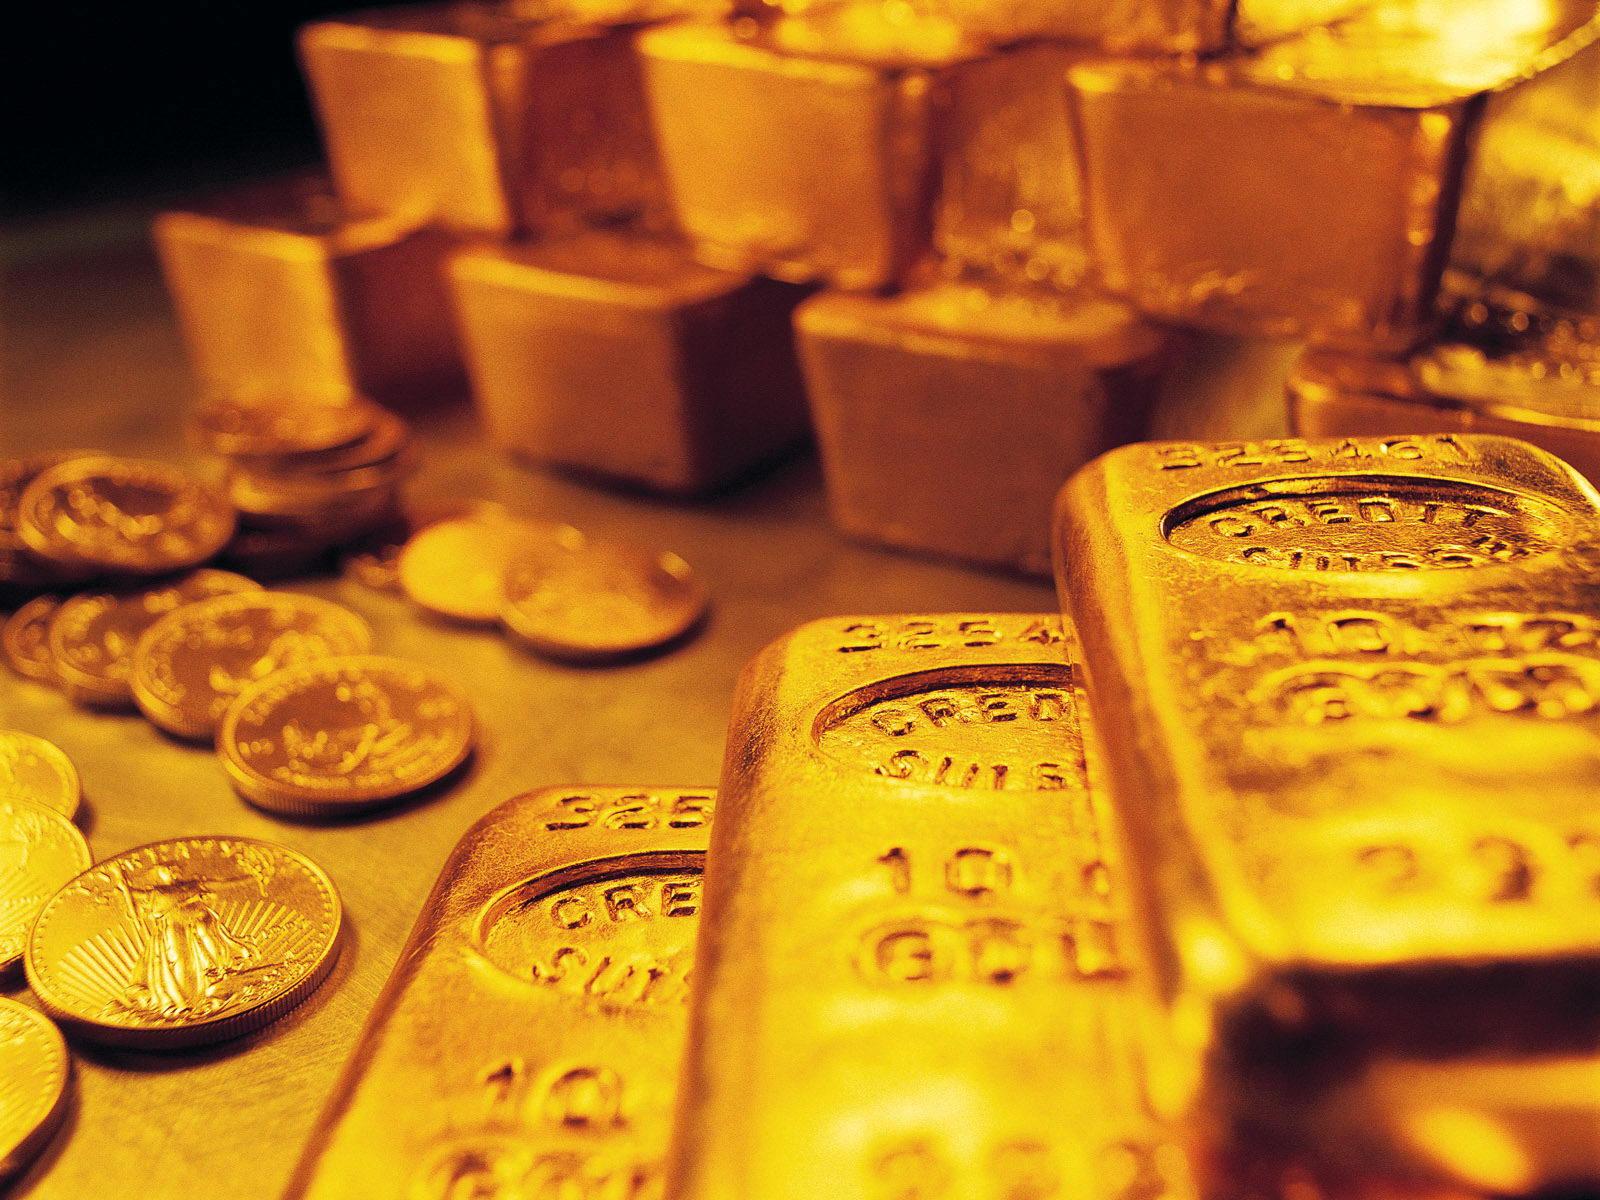 美联储暗地里在QE 央行疯狂购金支撑黄金